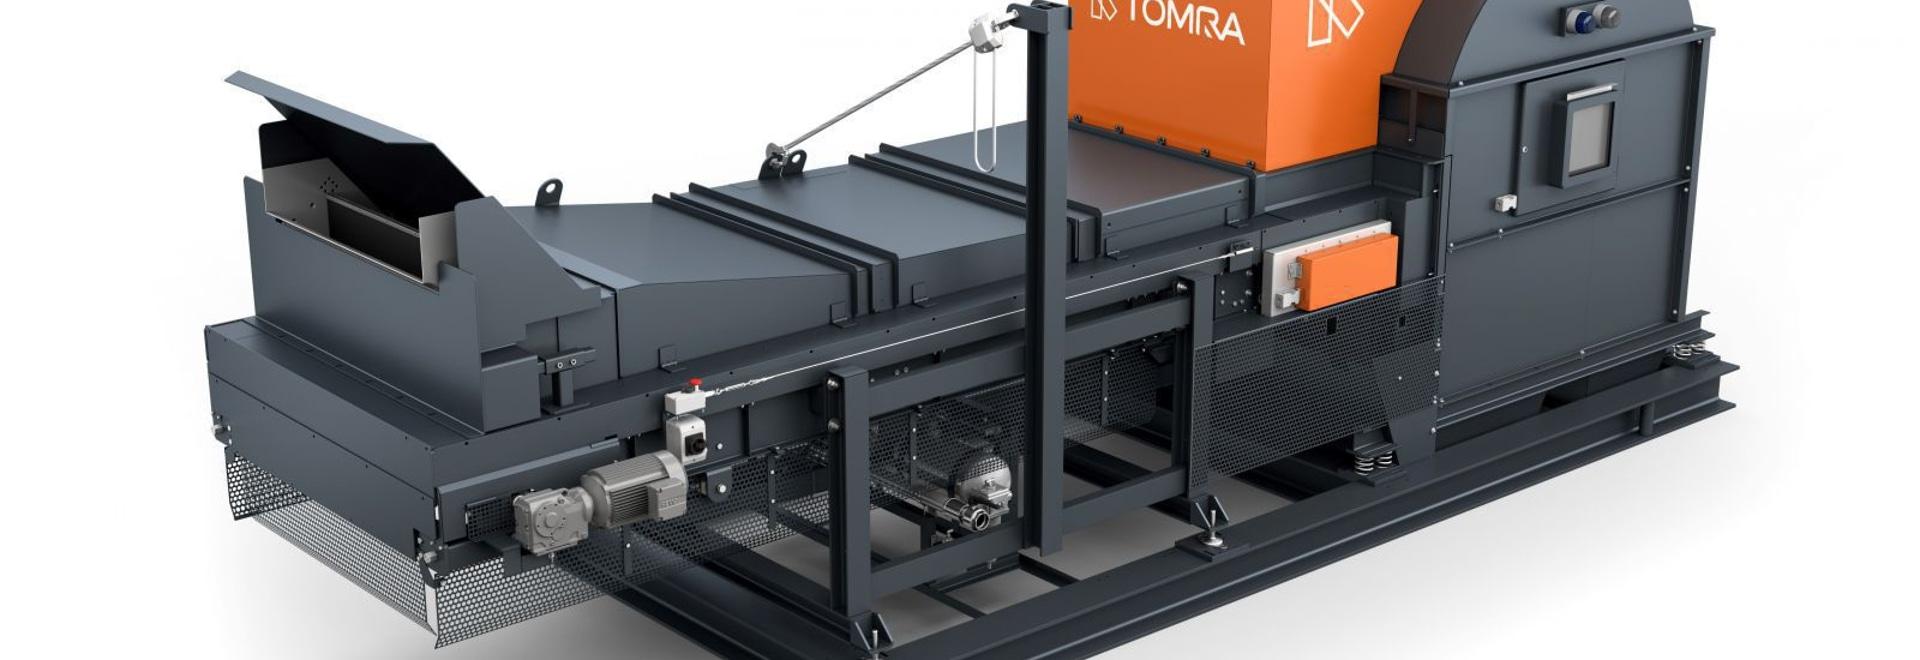 TOMRA aumenta X-TRACT con los canales de la Multi-densidad para mejorar la pureza de Recyclate